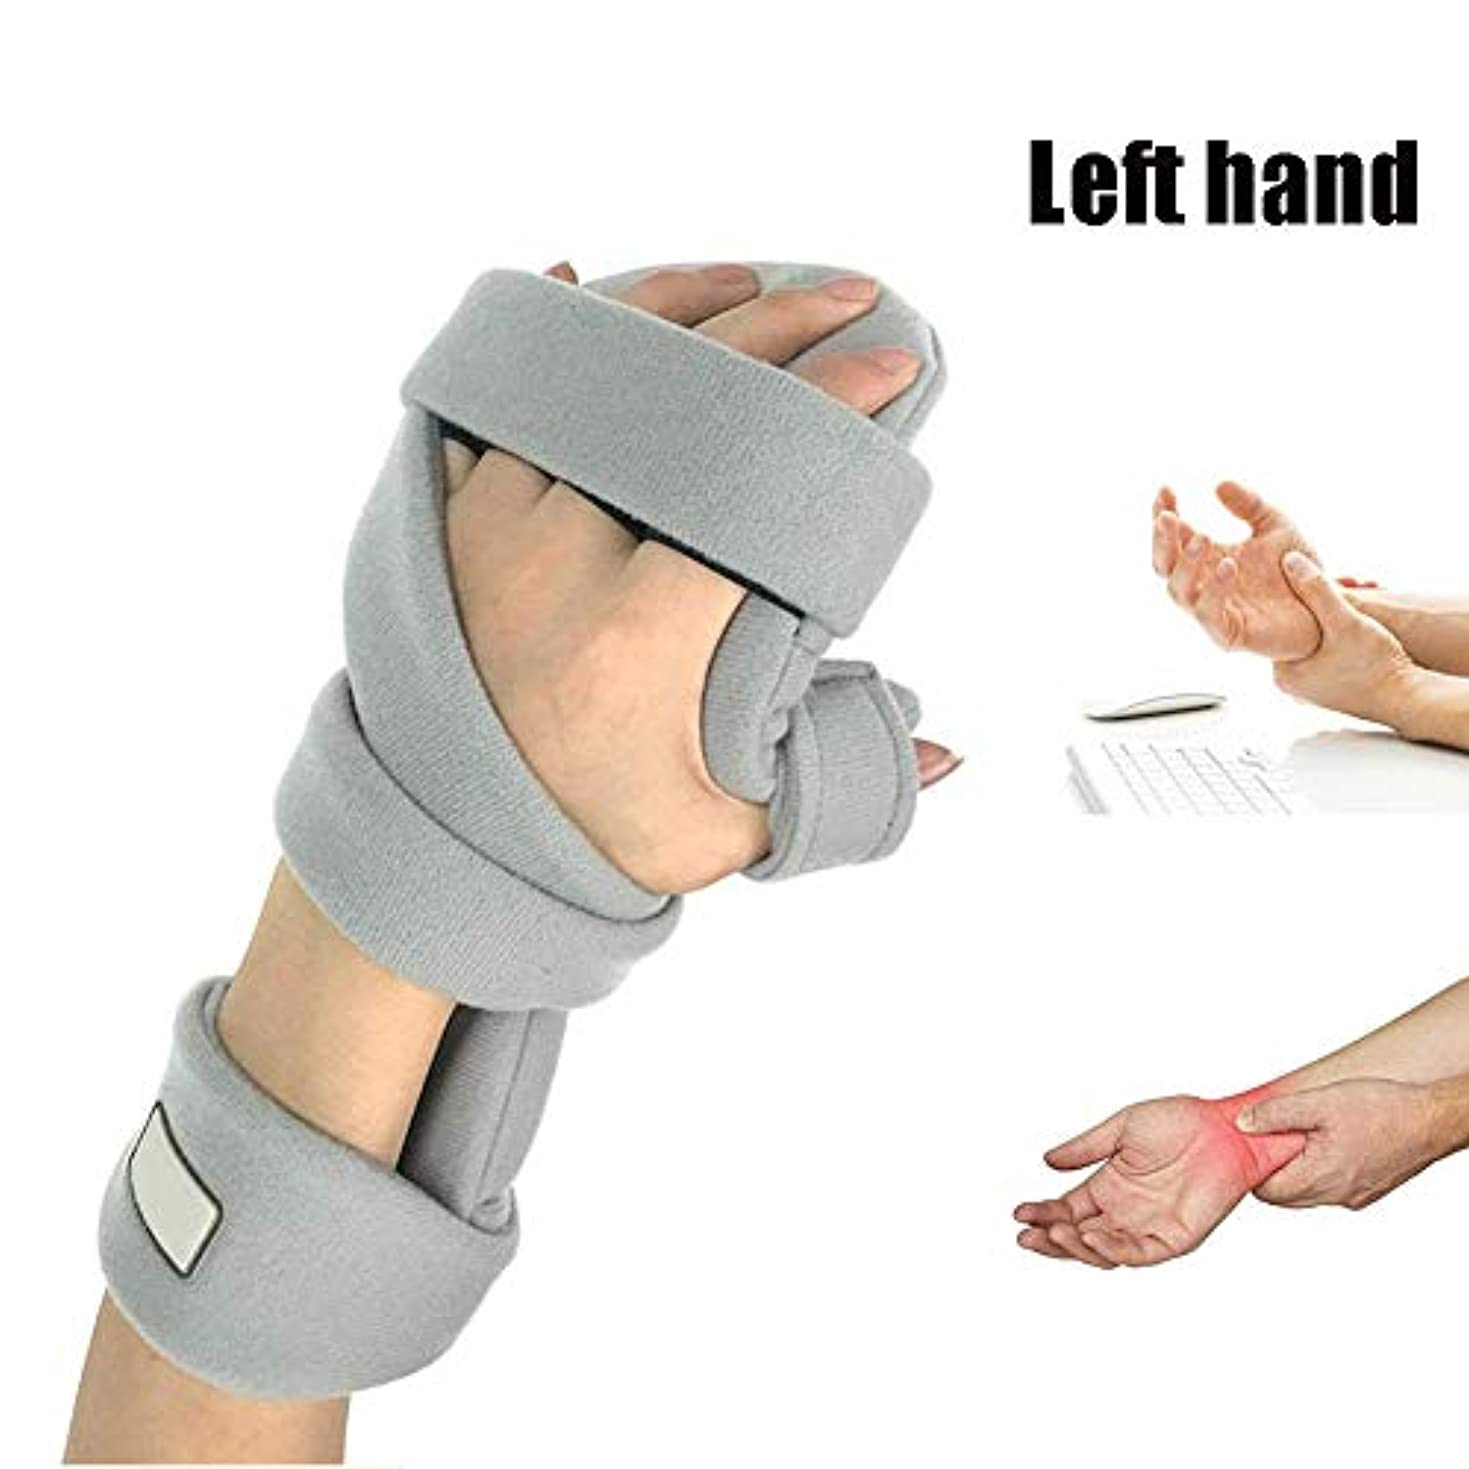 イブニング方向隣人手首 固定 サポーター 、指副木、手根管捻rainおよび関節炎の痛み緩和,Right